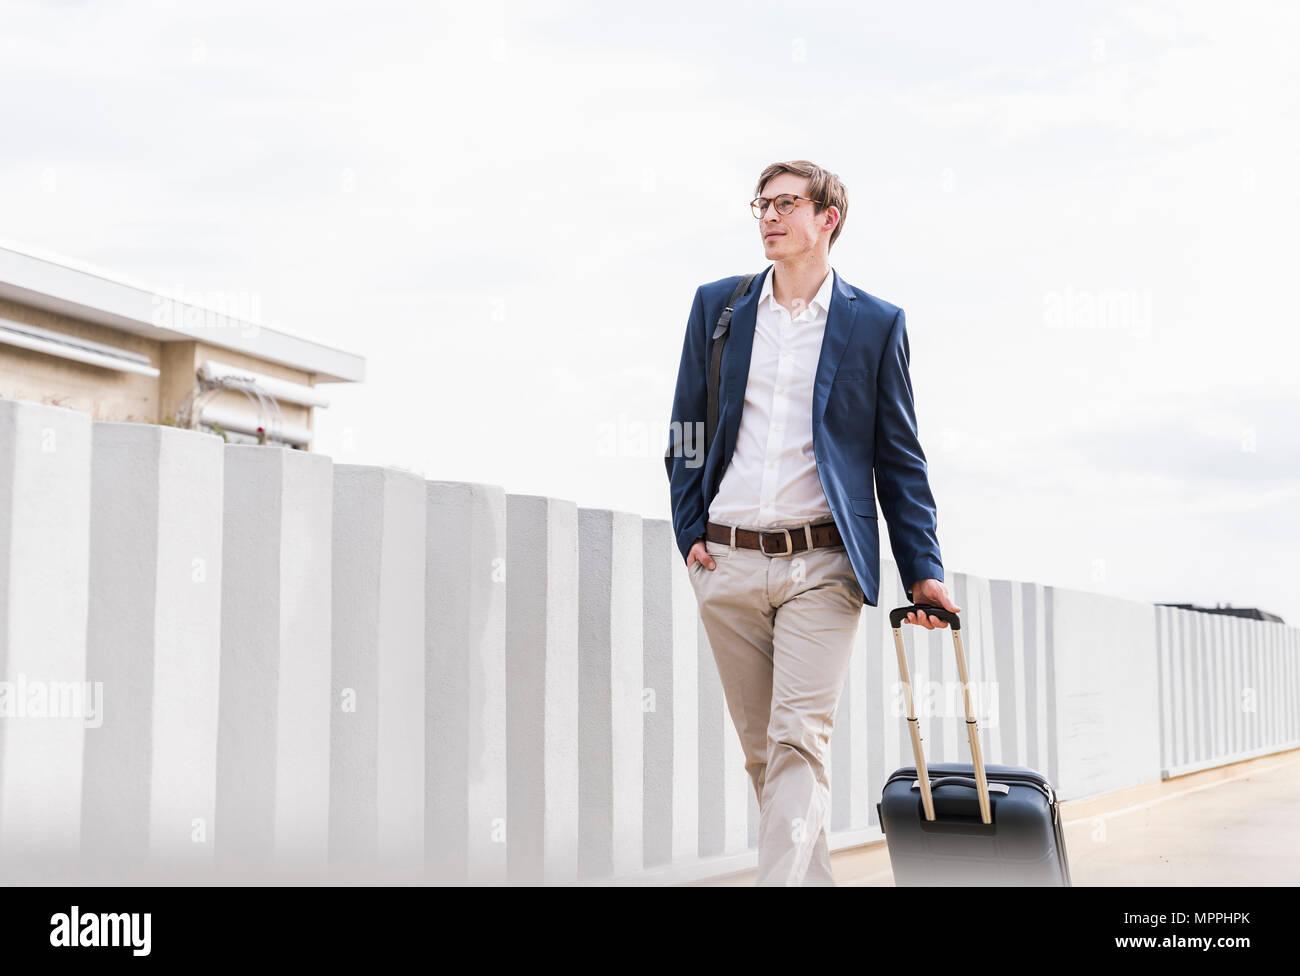 Fiducioso imprenditore con valigia scorrevole a piedi a garage Immagini Stock